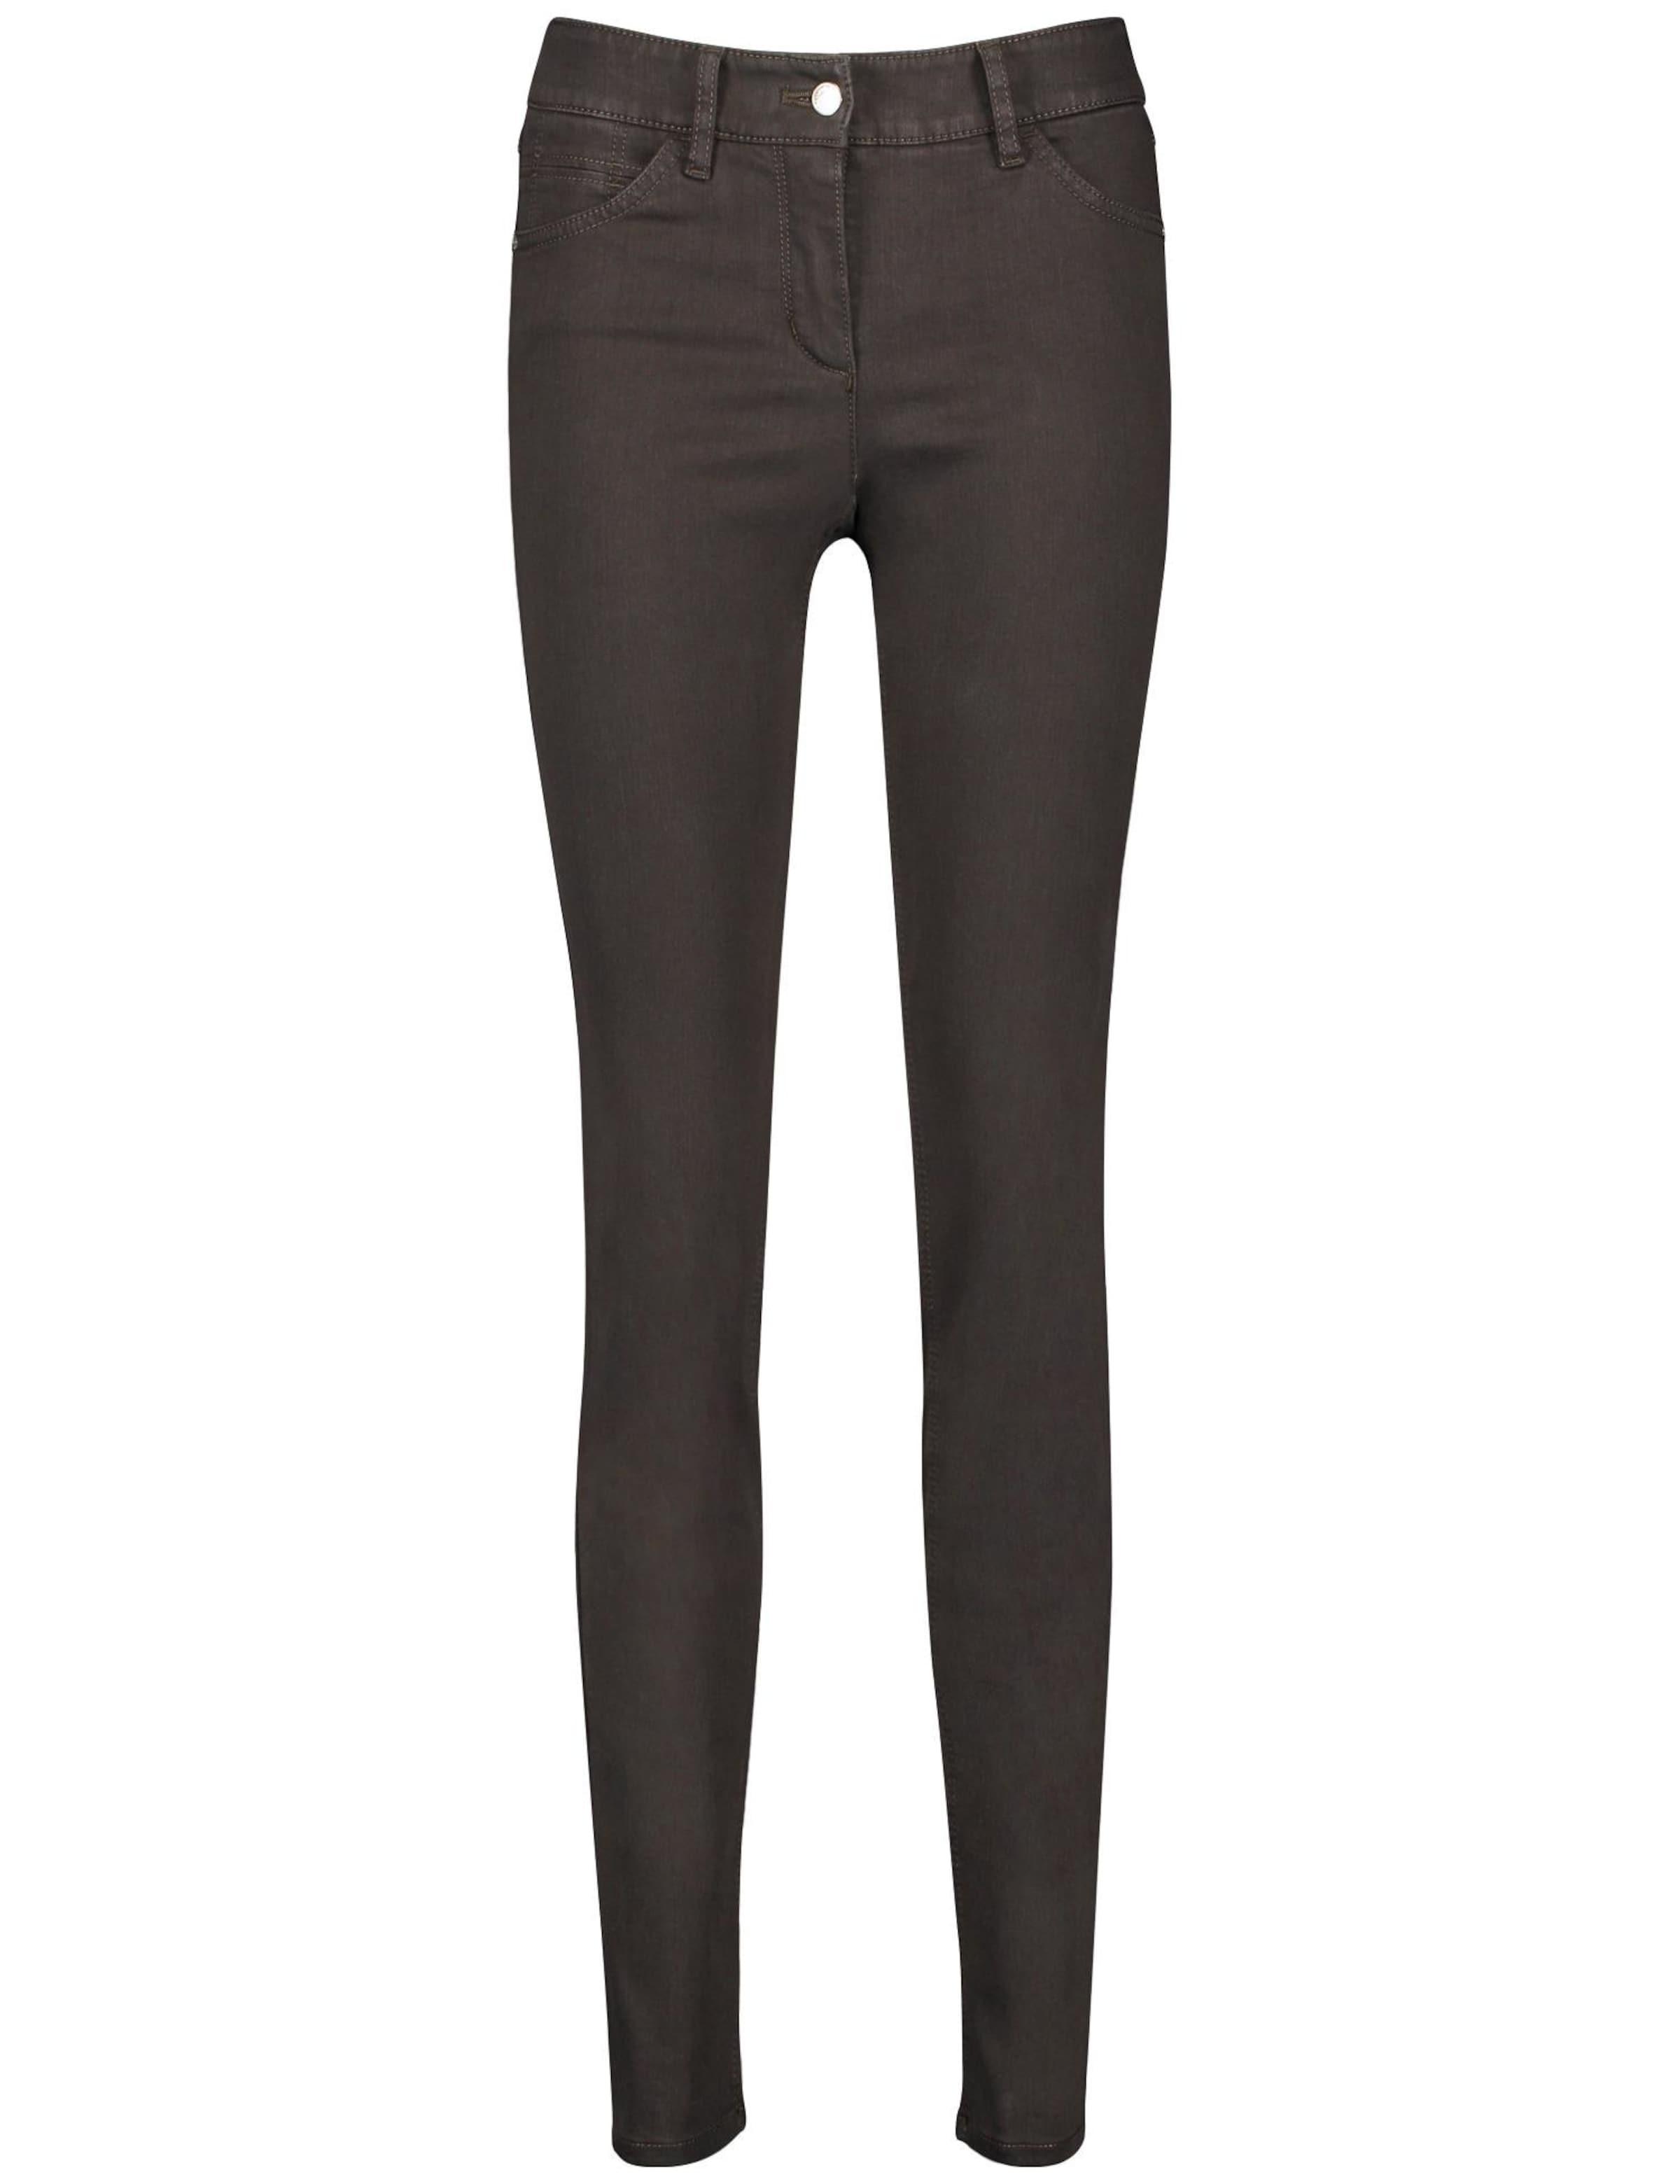 GERRY WEBER Jeans 'Best4me' in schoko